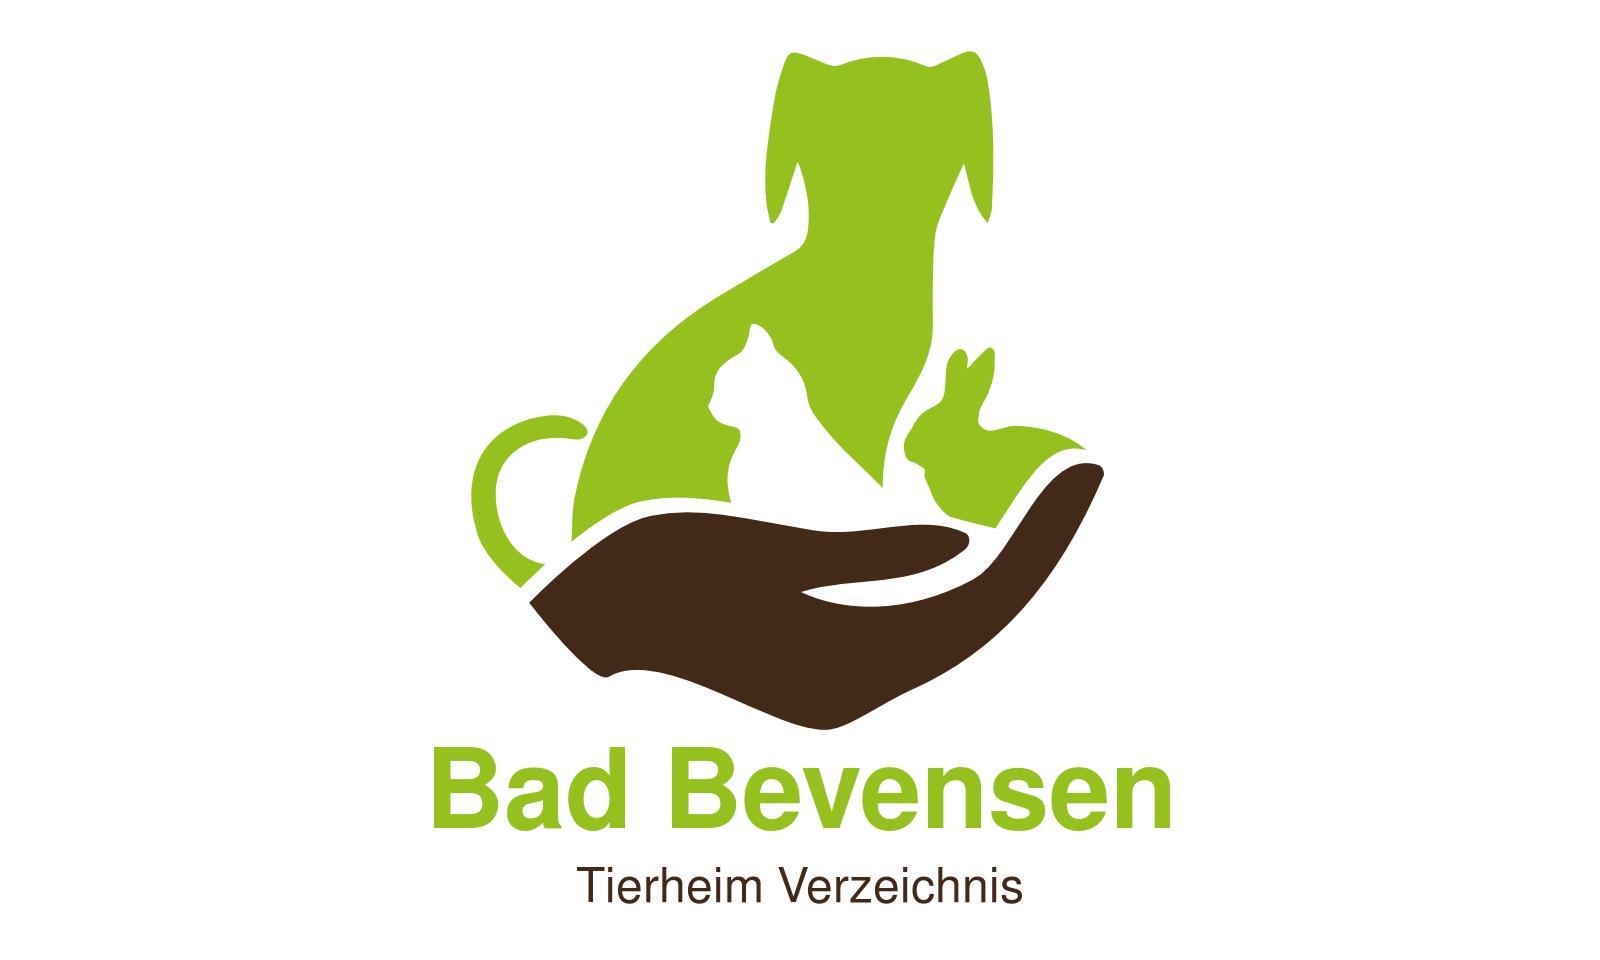 Tierheim Bad Bevensen